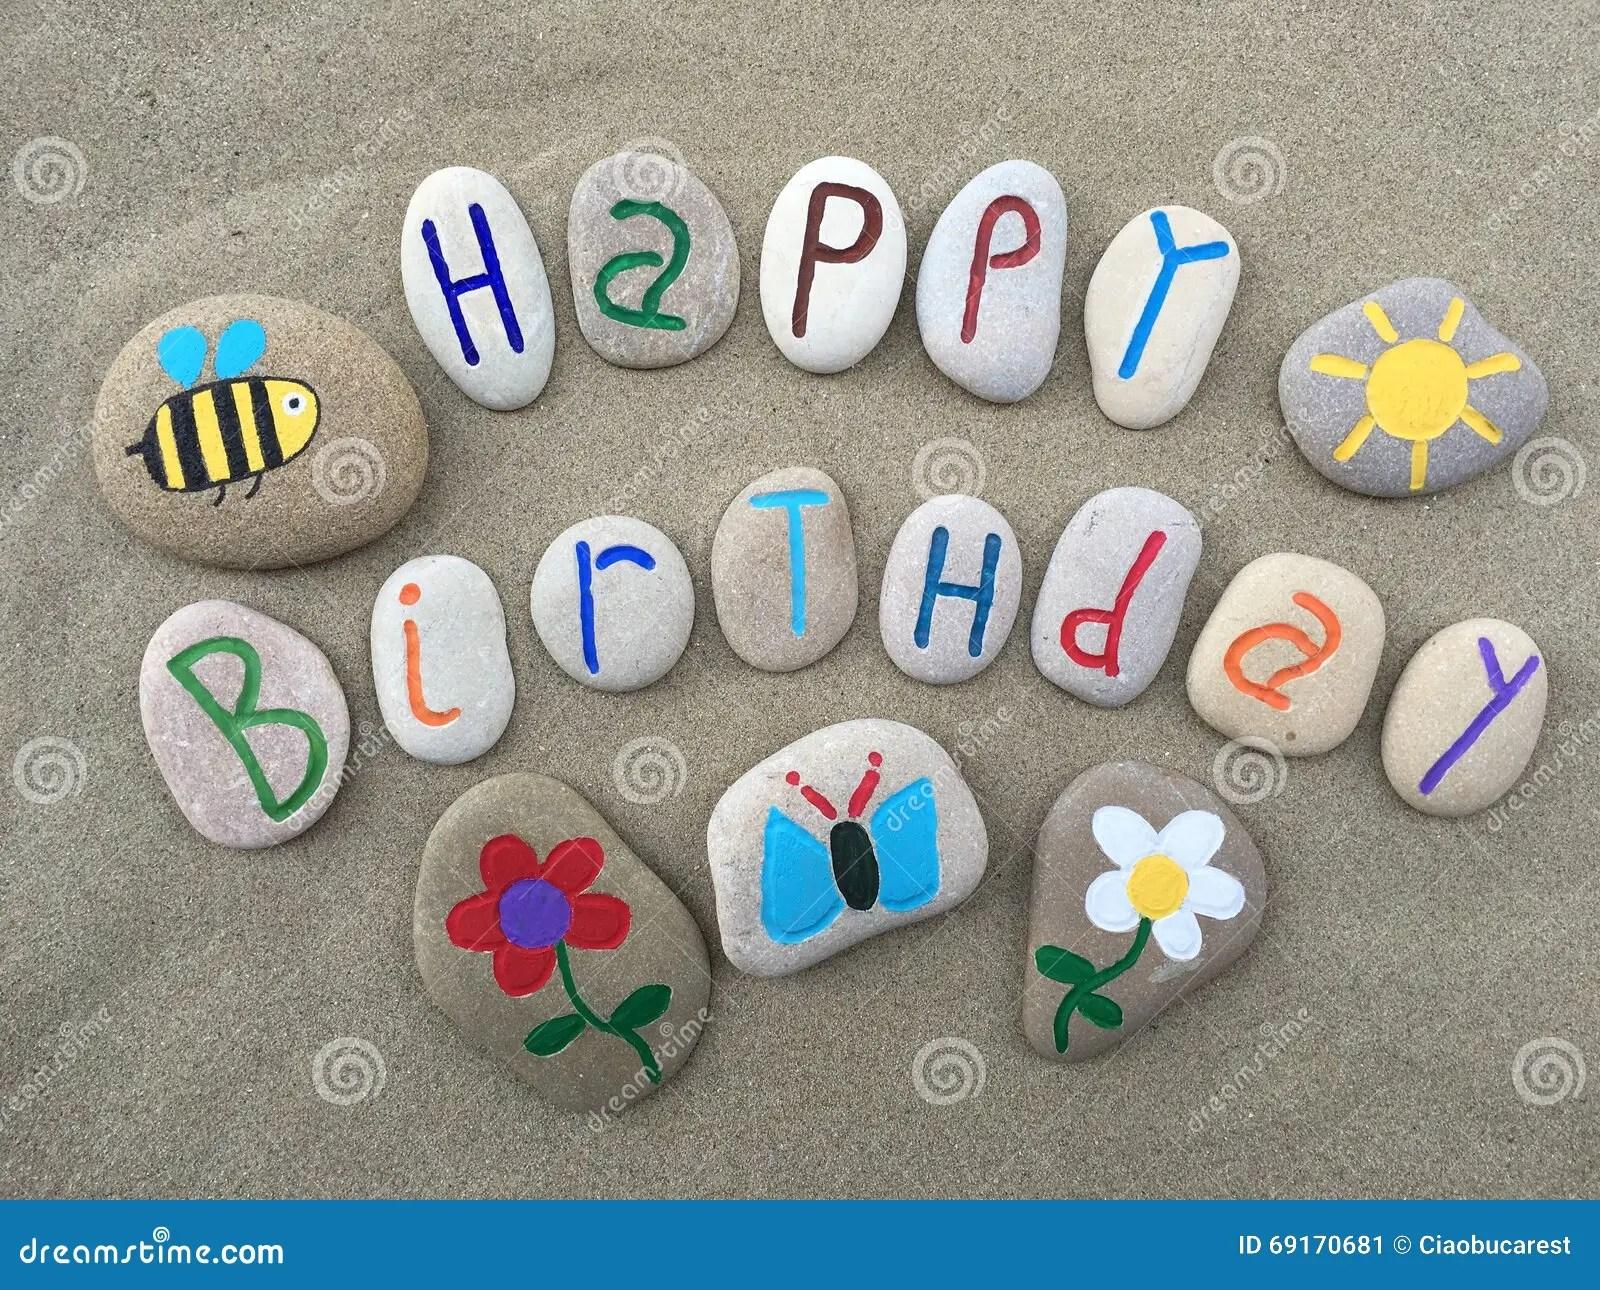 happy birthday message stock